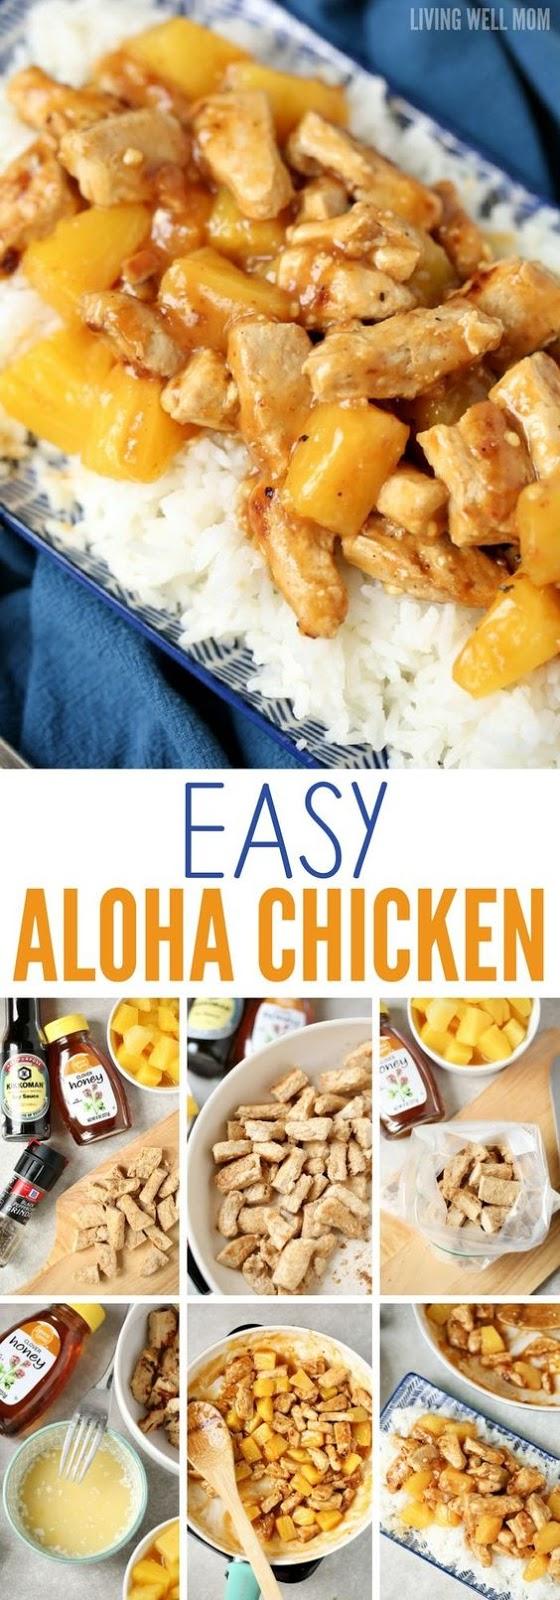 Easy Aloha Chicken Dinner